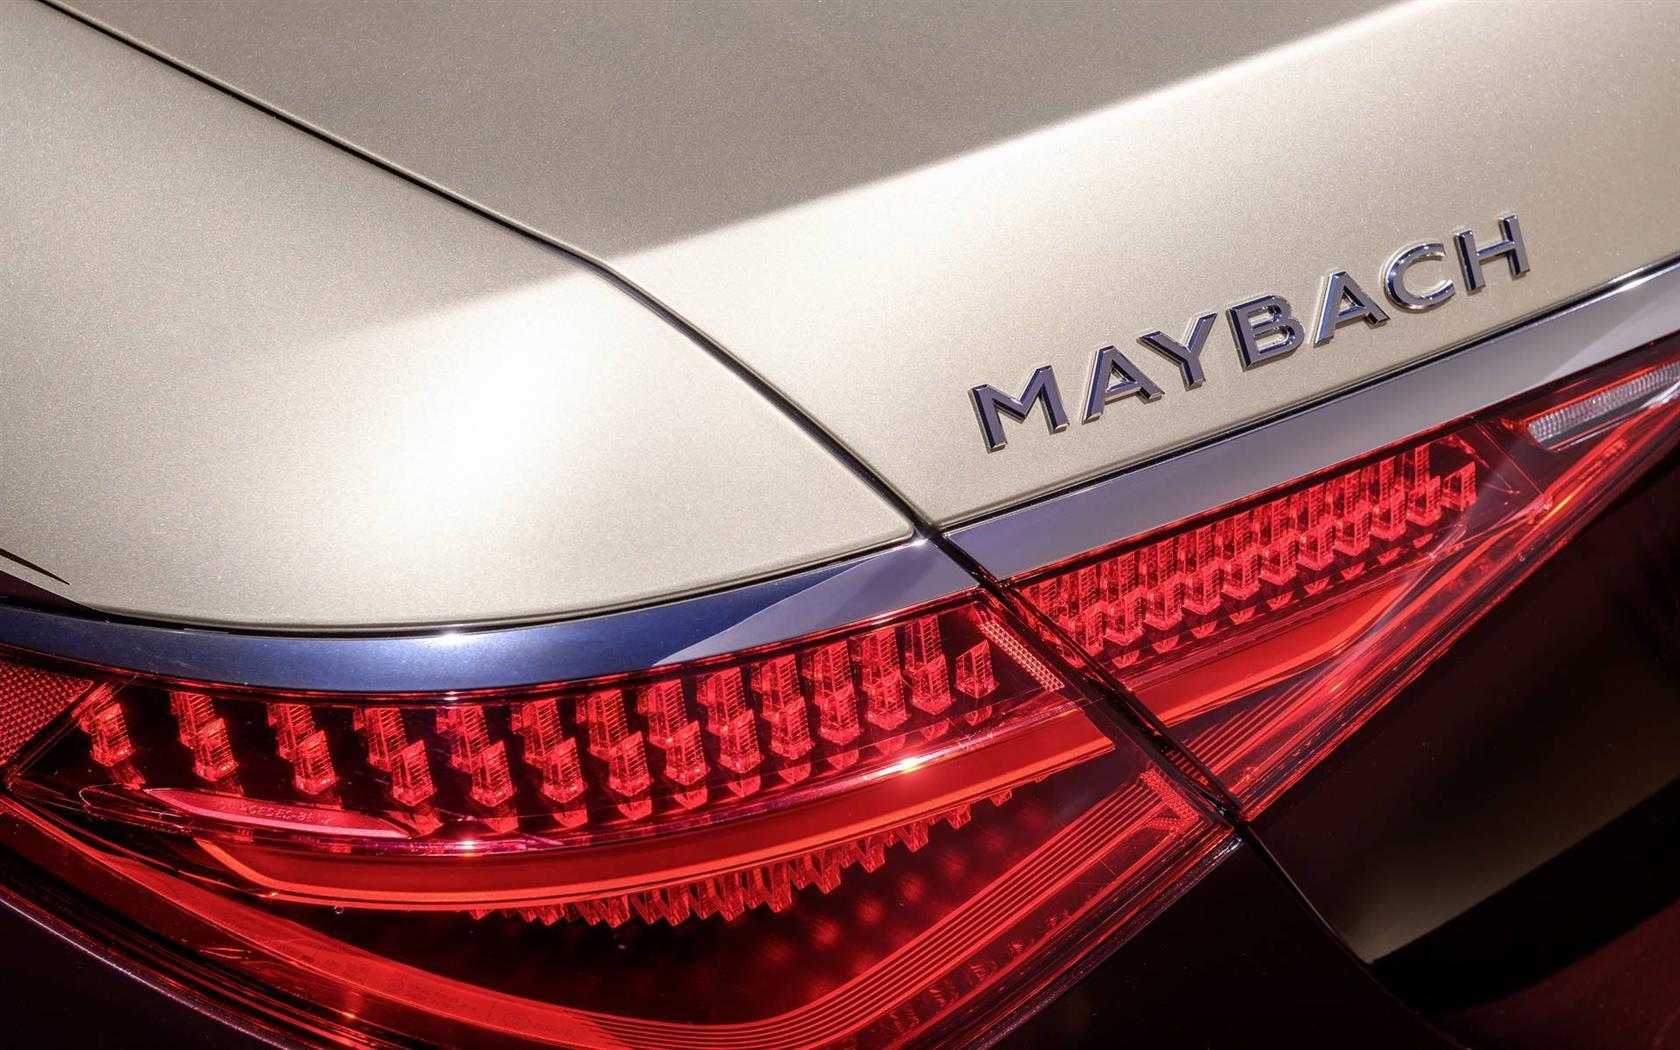 2021 Mercedes-Benz Maybach S-Class